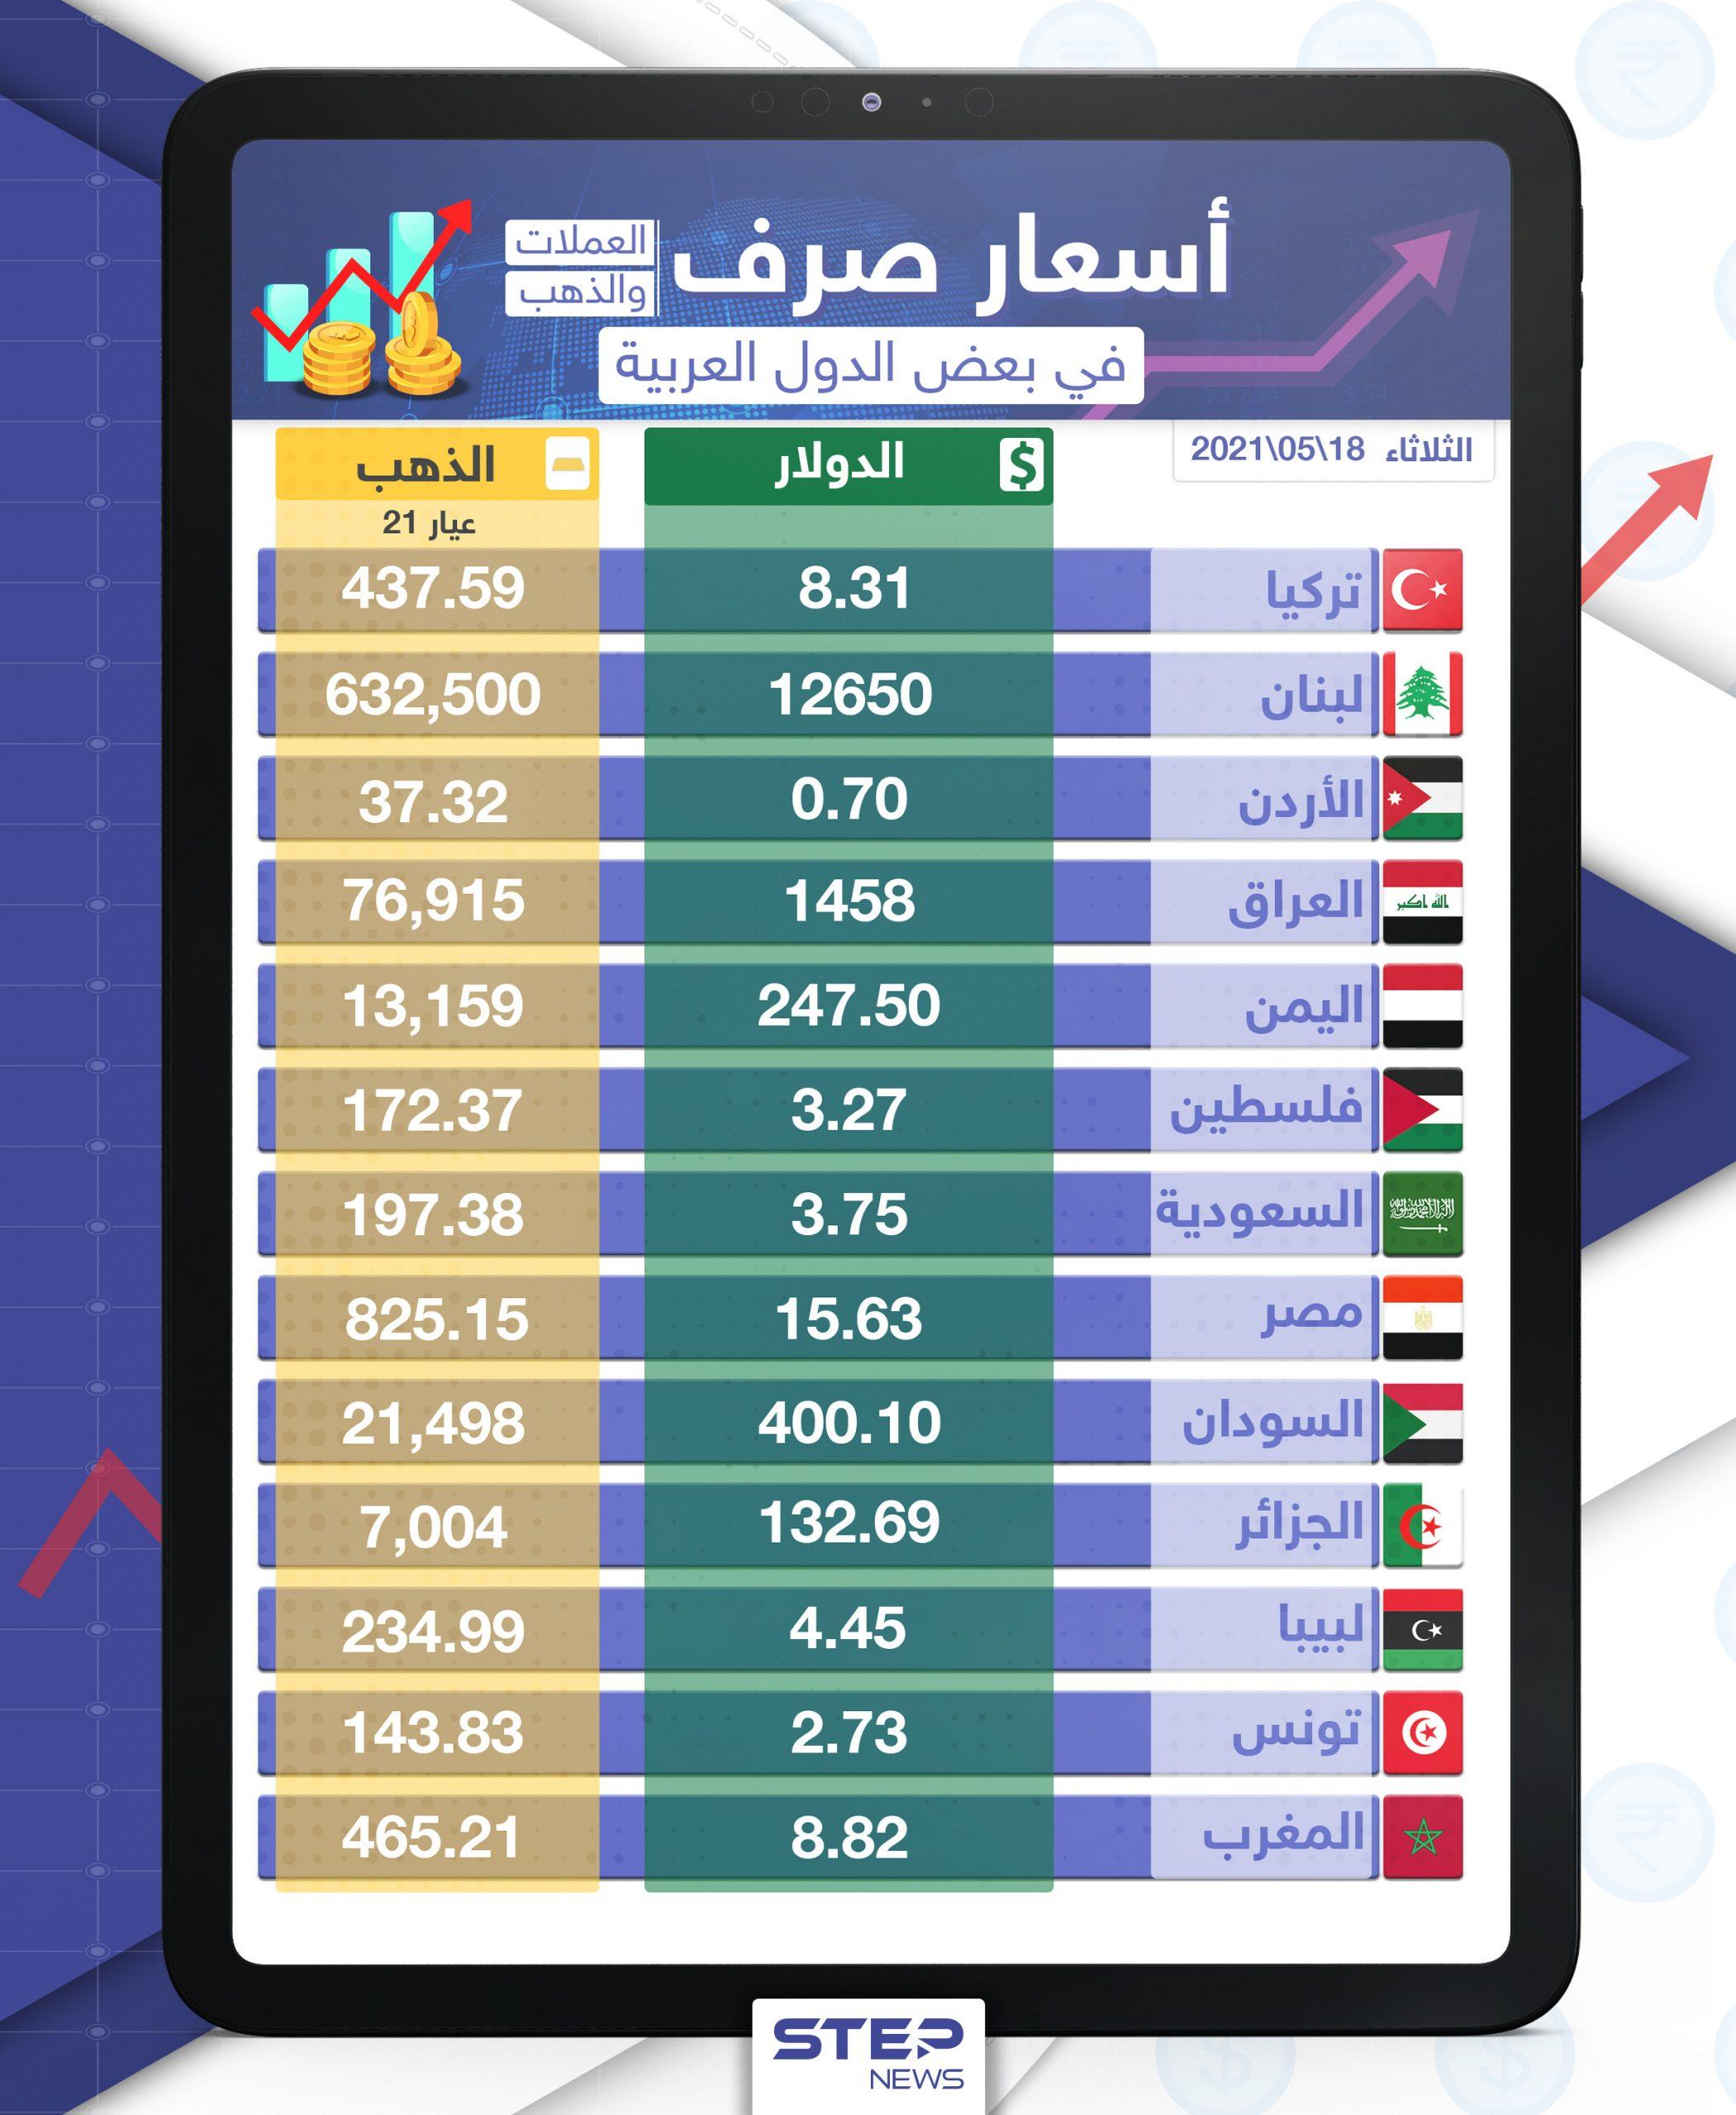 أسعار الذهب والعملات للدول العربية وتركيا اليوم الثلاثاء الموافق 18 أيار 2021